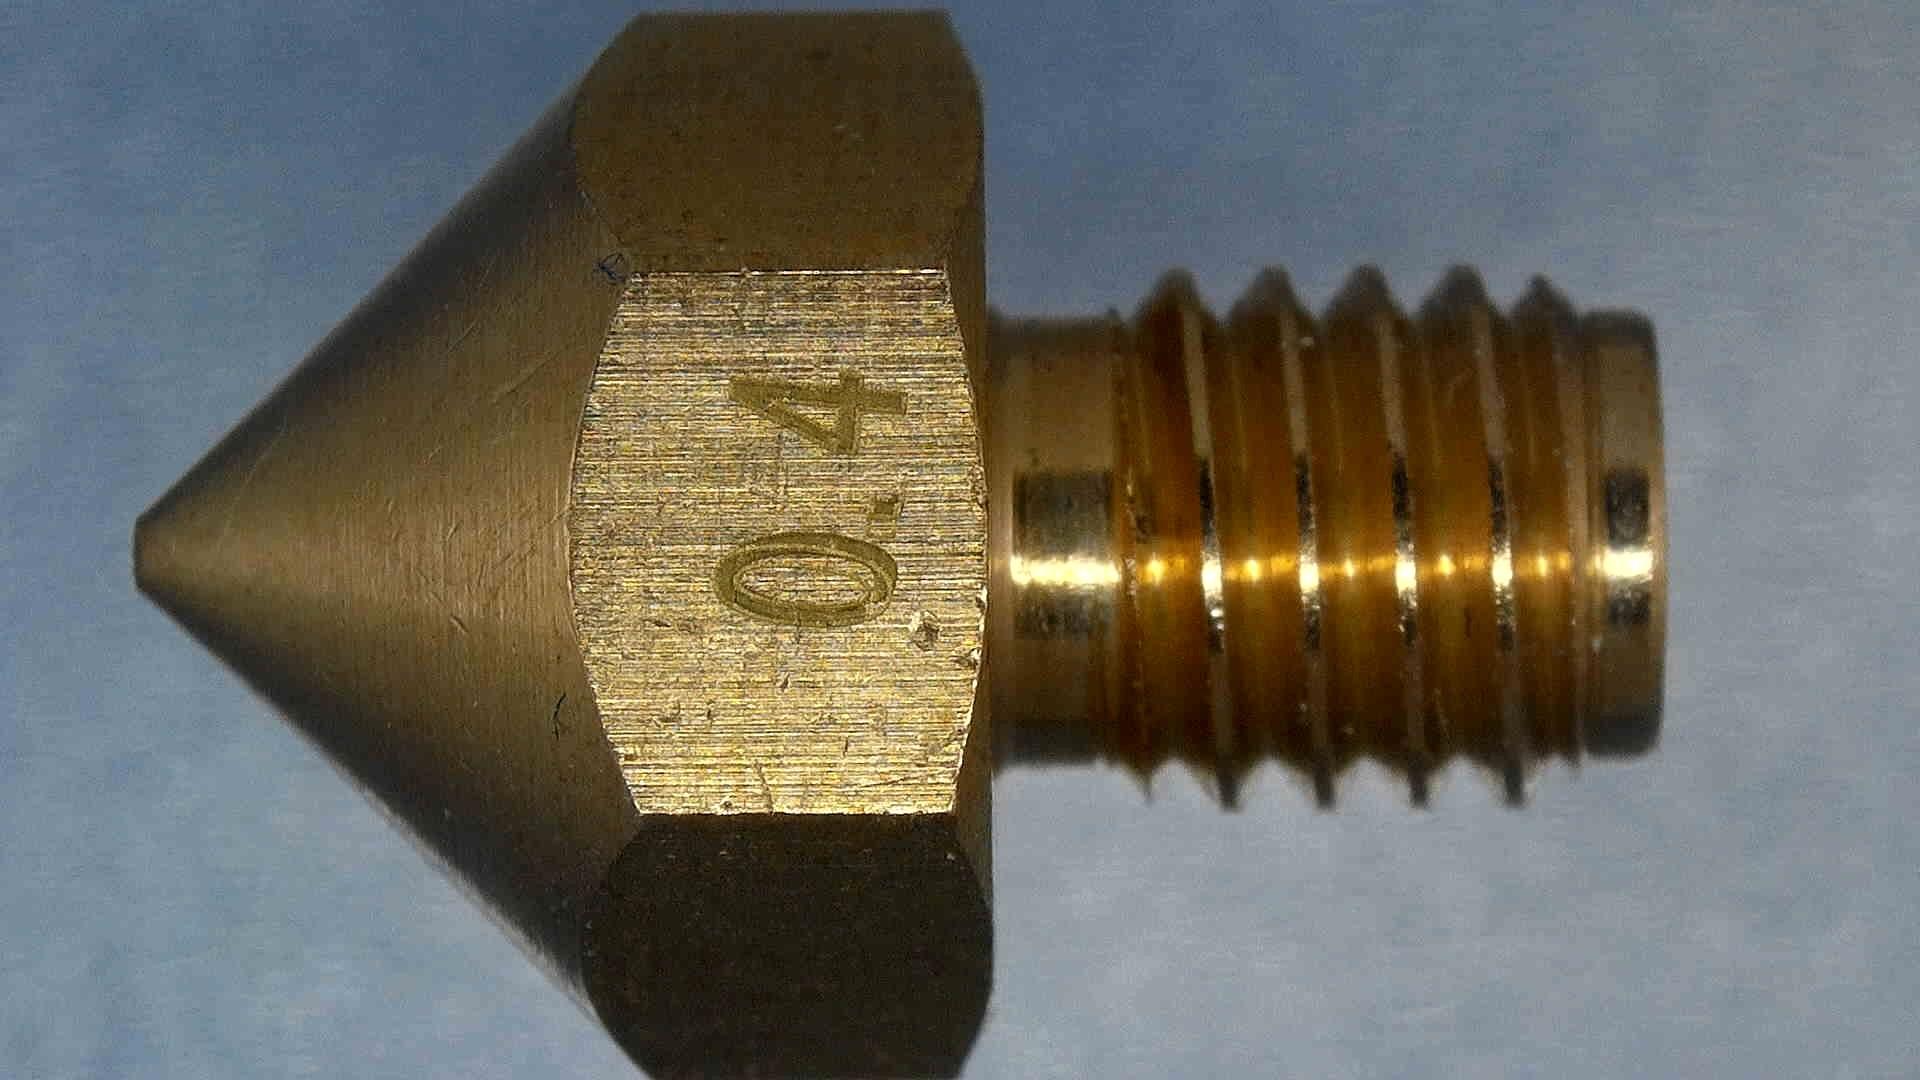 BIQU-B1-Nozzle-13D Printer Nozzle Comparison